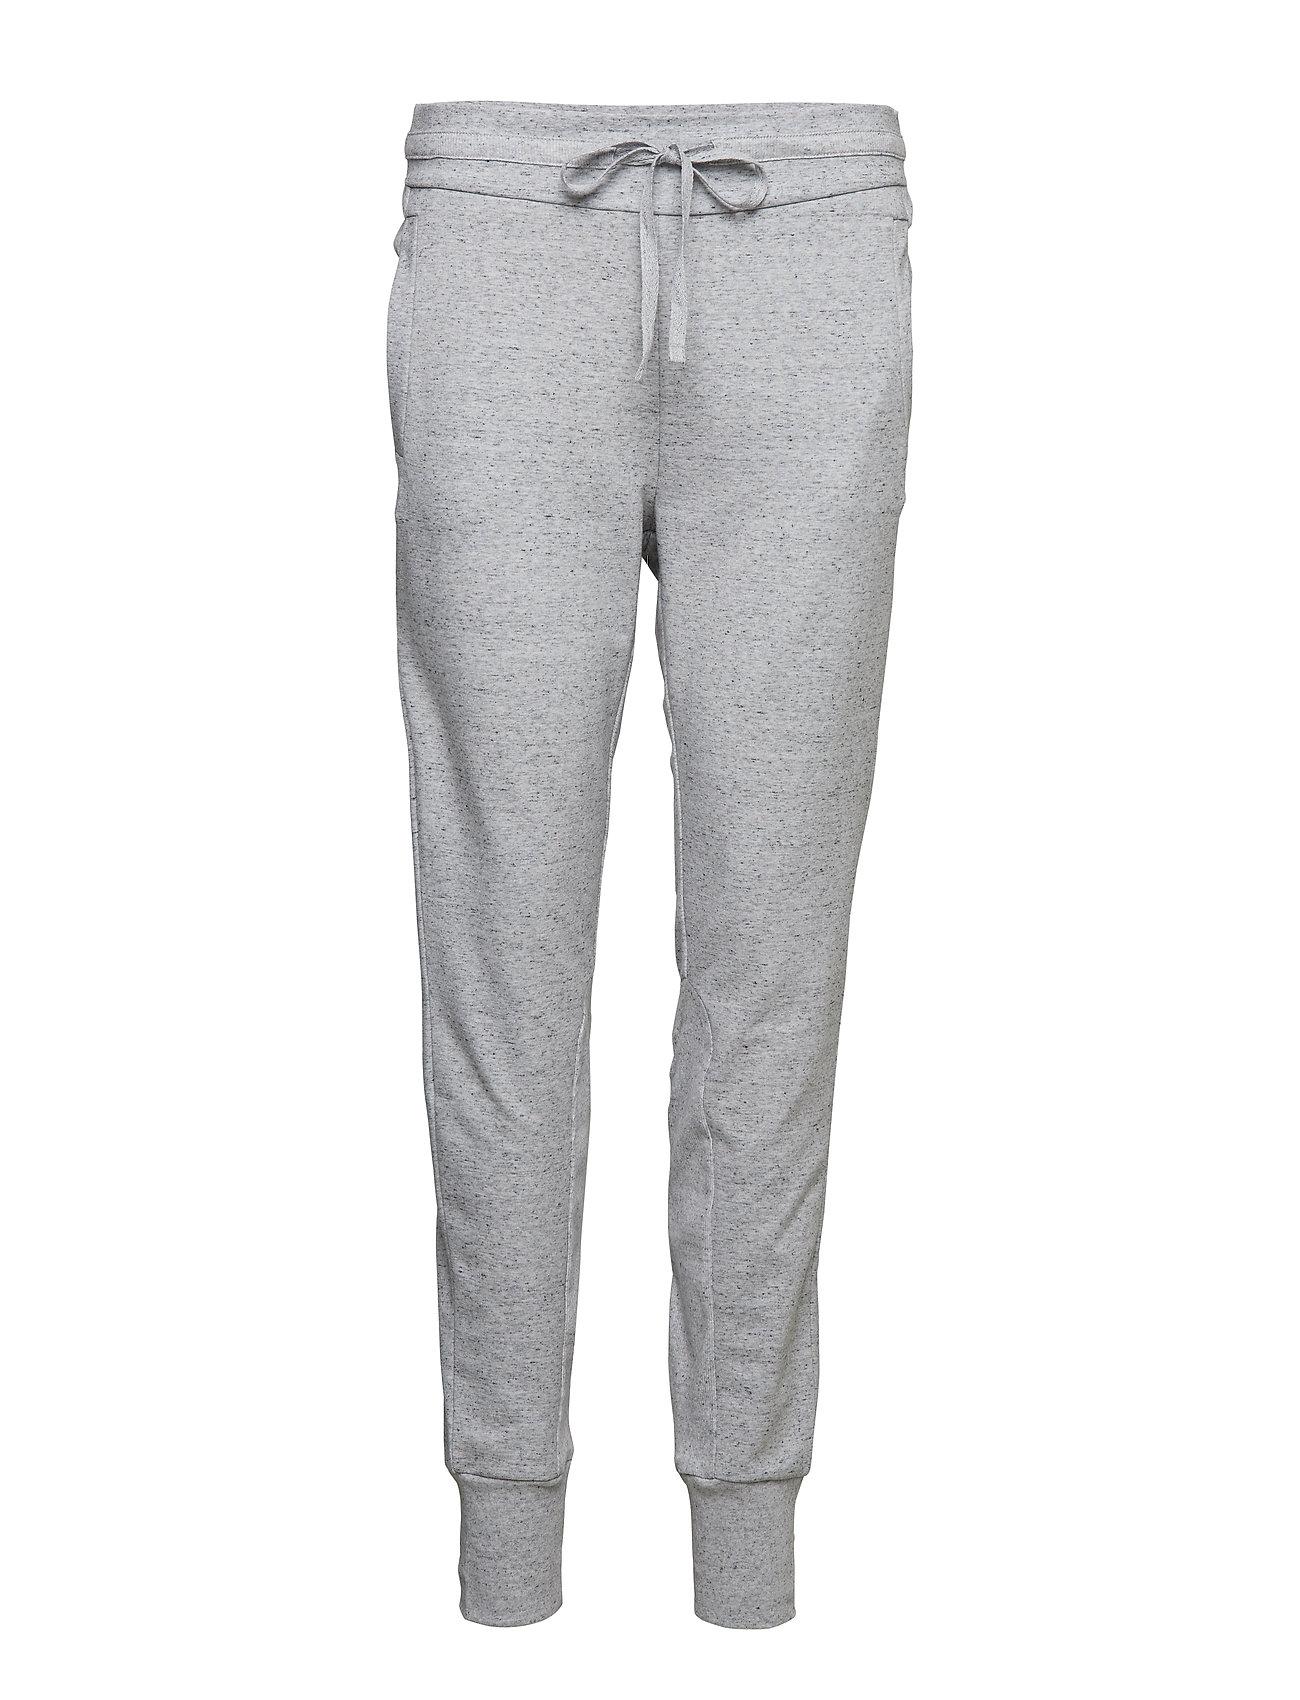 Schiesser Long Pants - GREY MELANGE